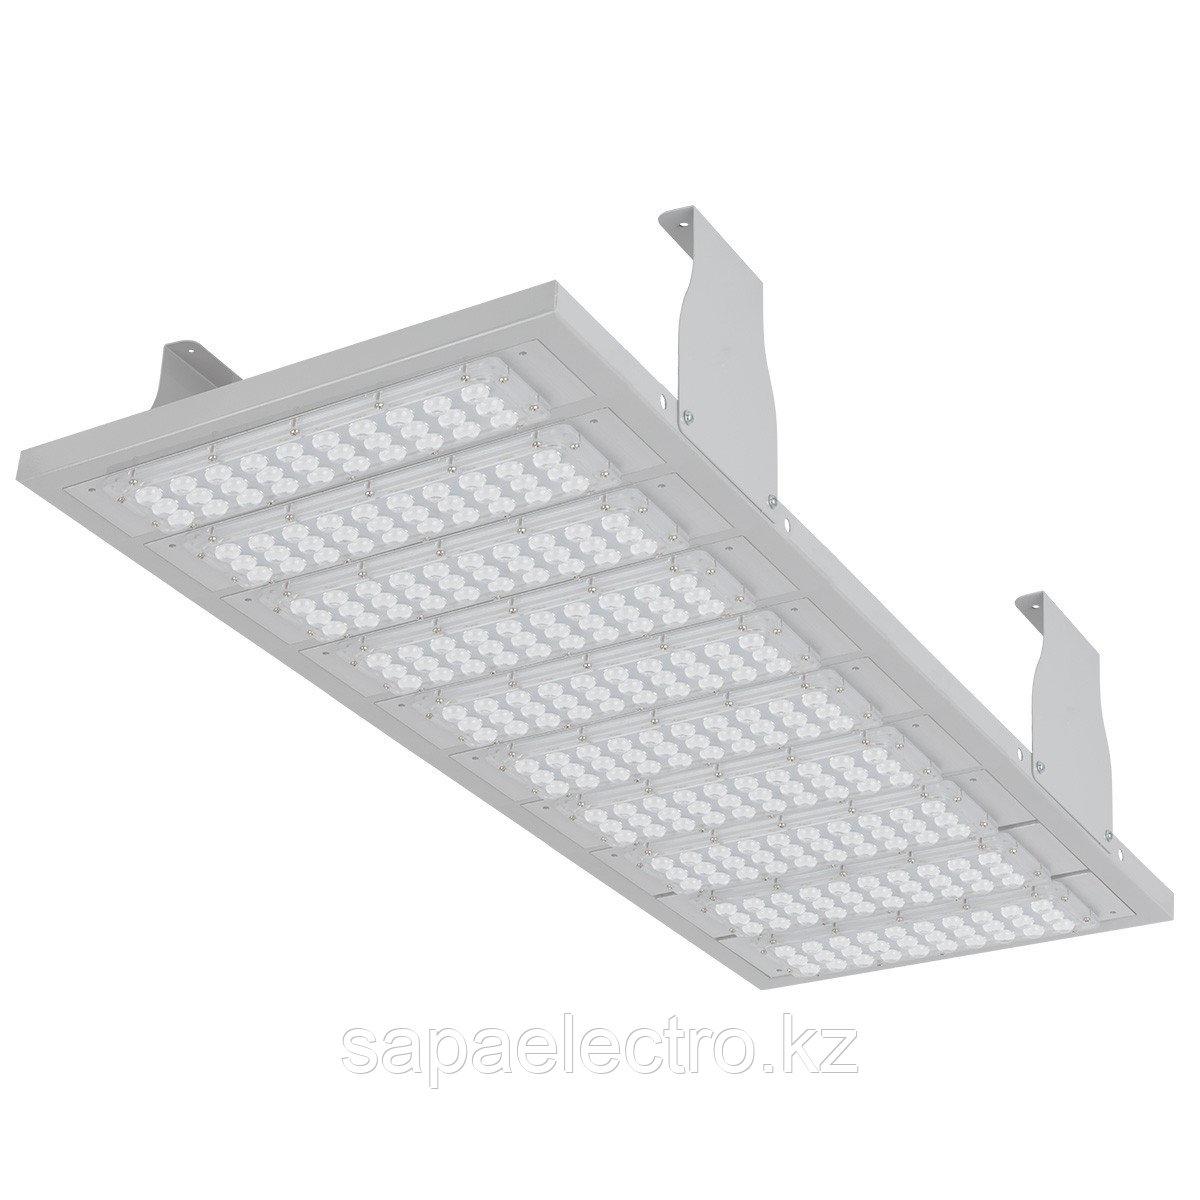 Свет-к LED AZS  SMART Подвесной 300W MGL (TS) 1шт